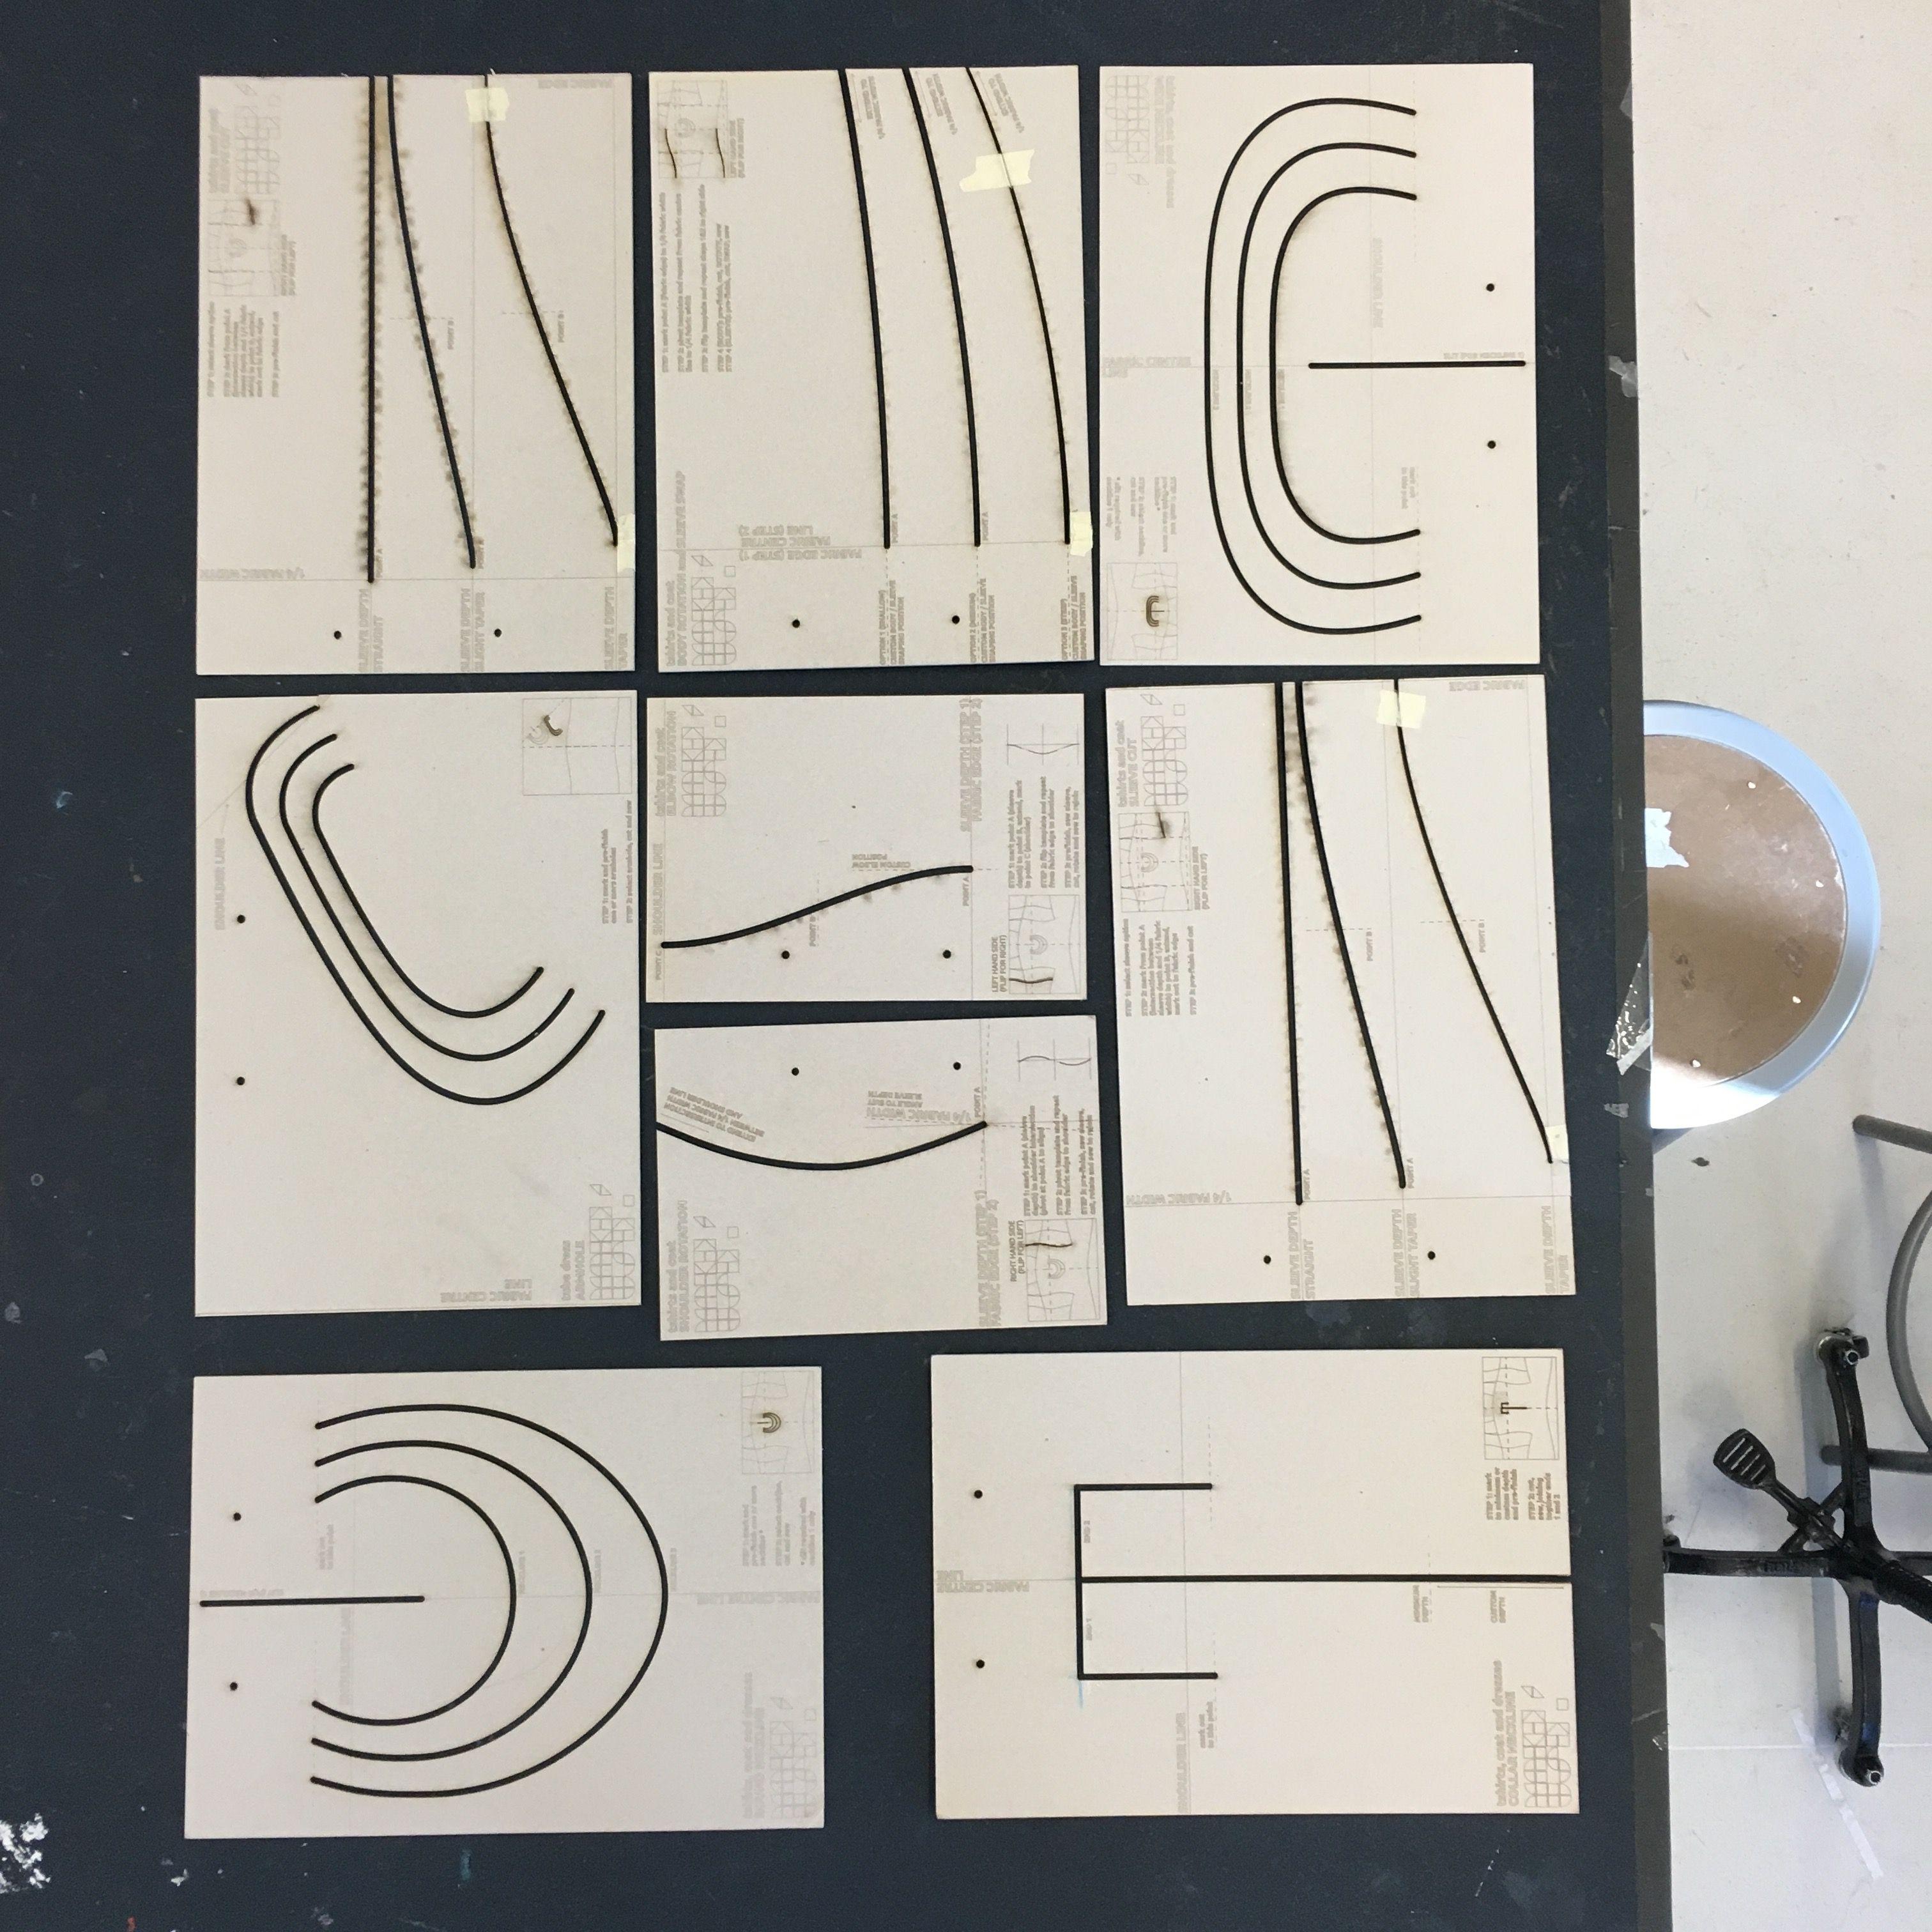 Zero Waste Fashion Design Timo Rissanen Parsons School Of Design Zero Waste Fashion Design